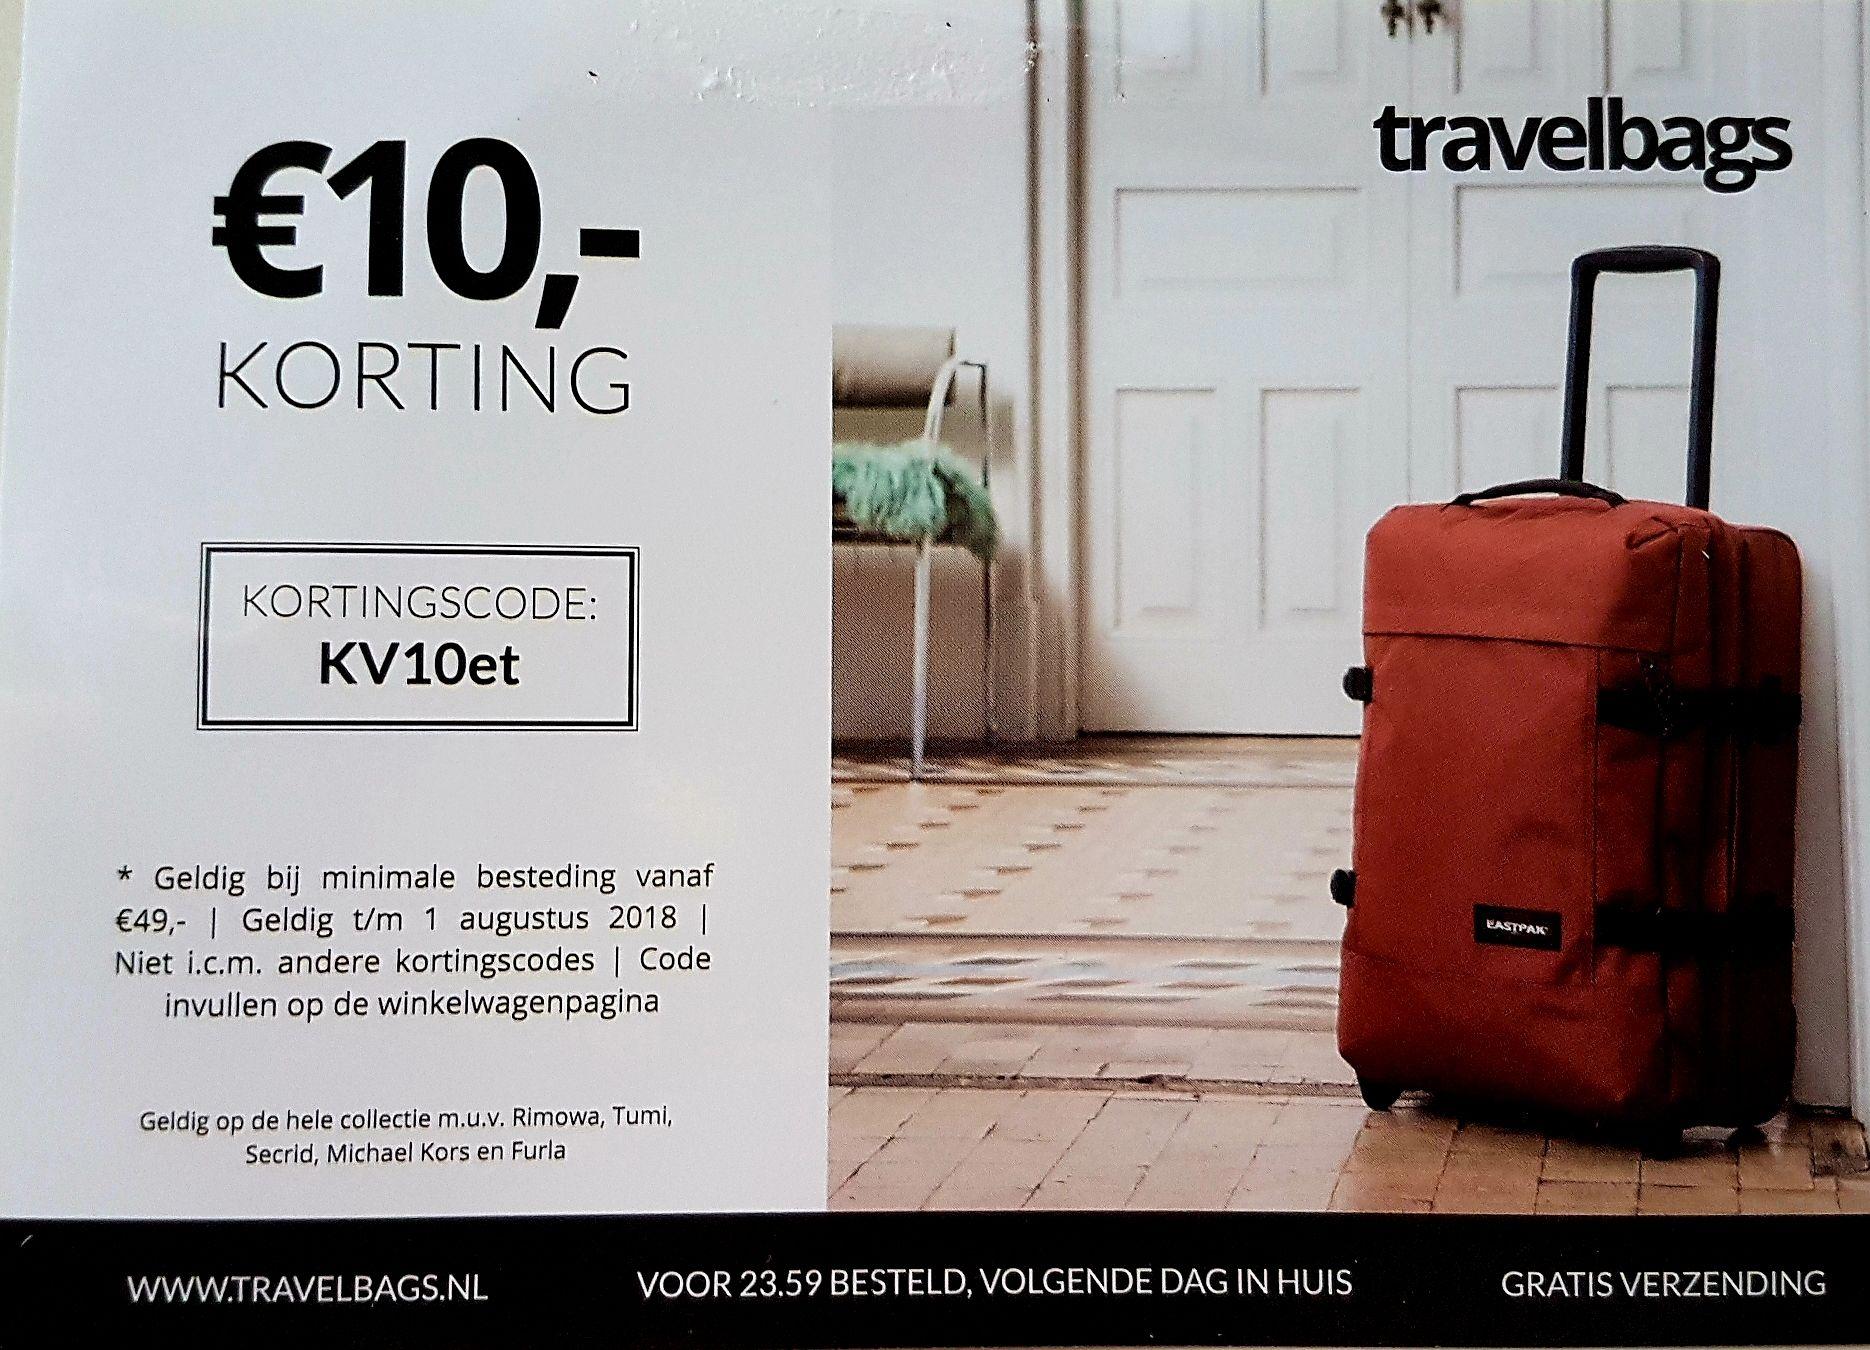 10 euro korting bij Travelbags